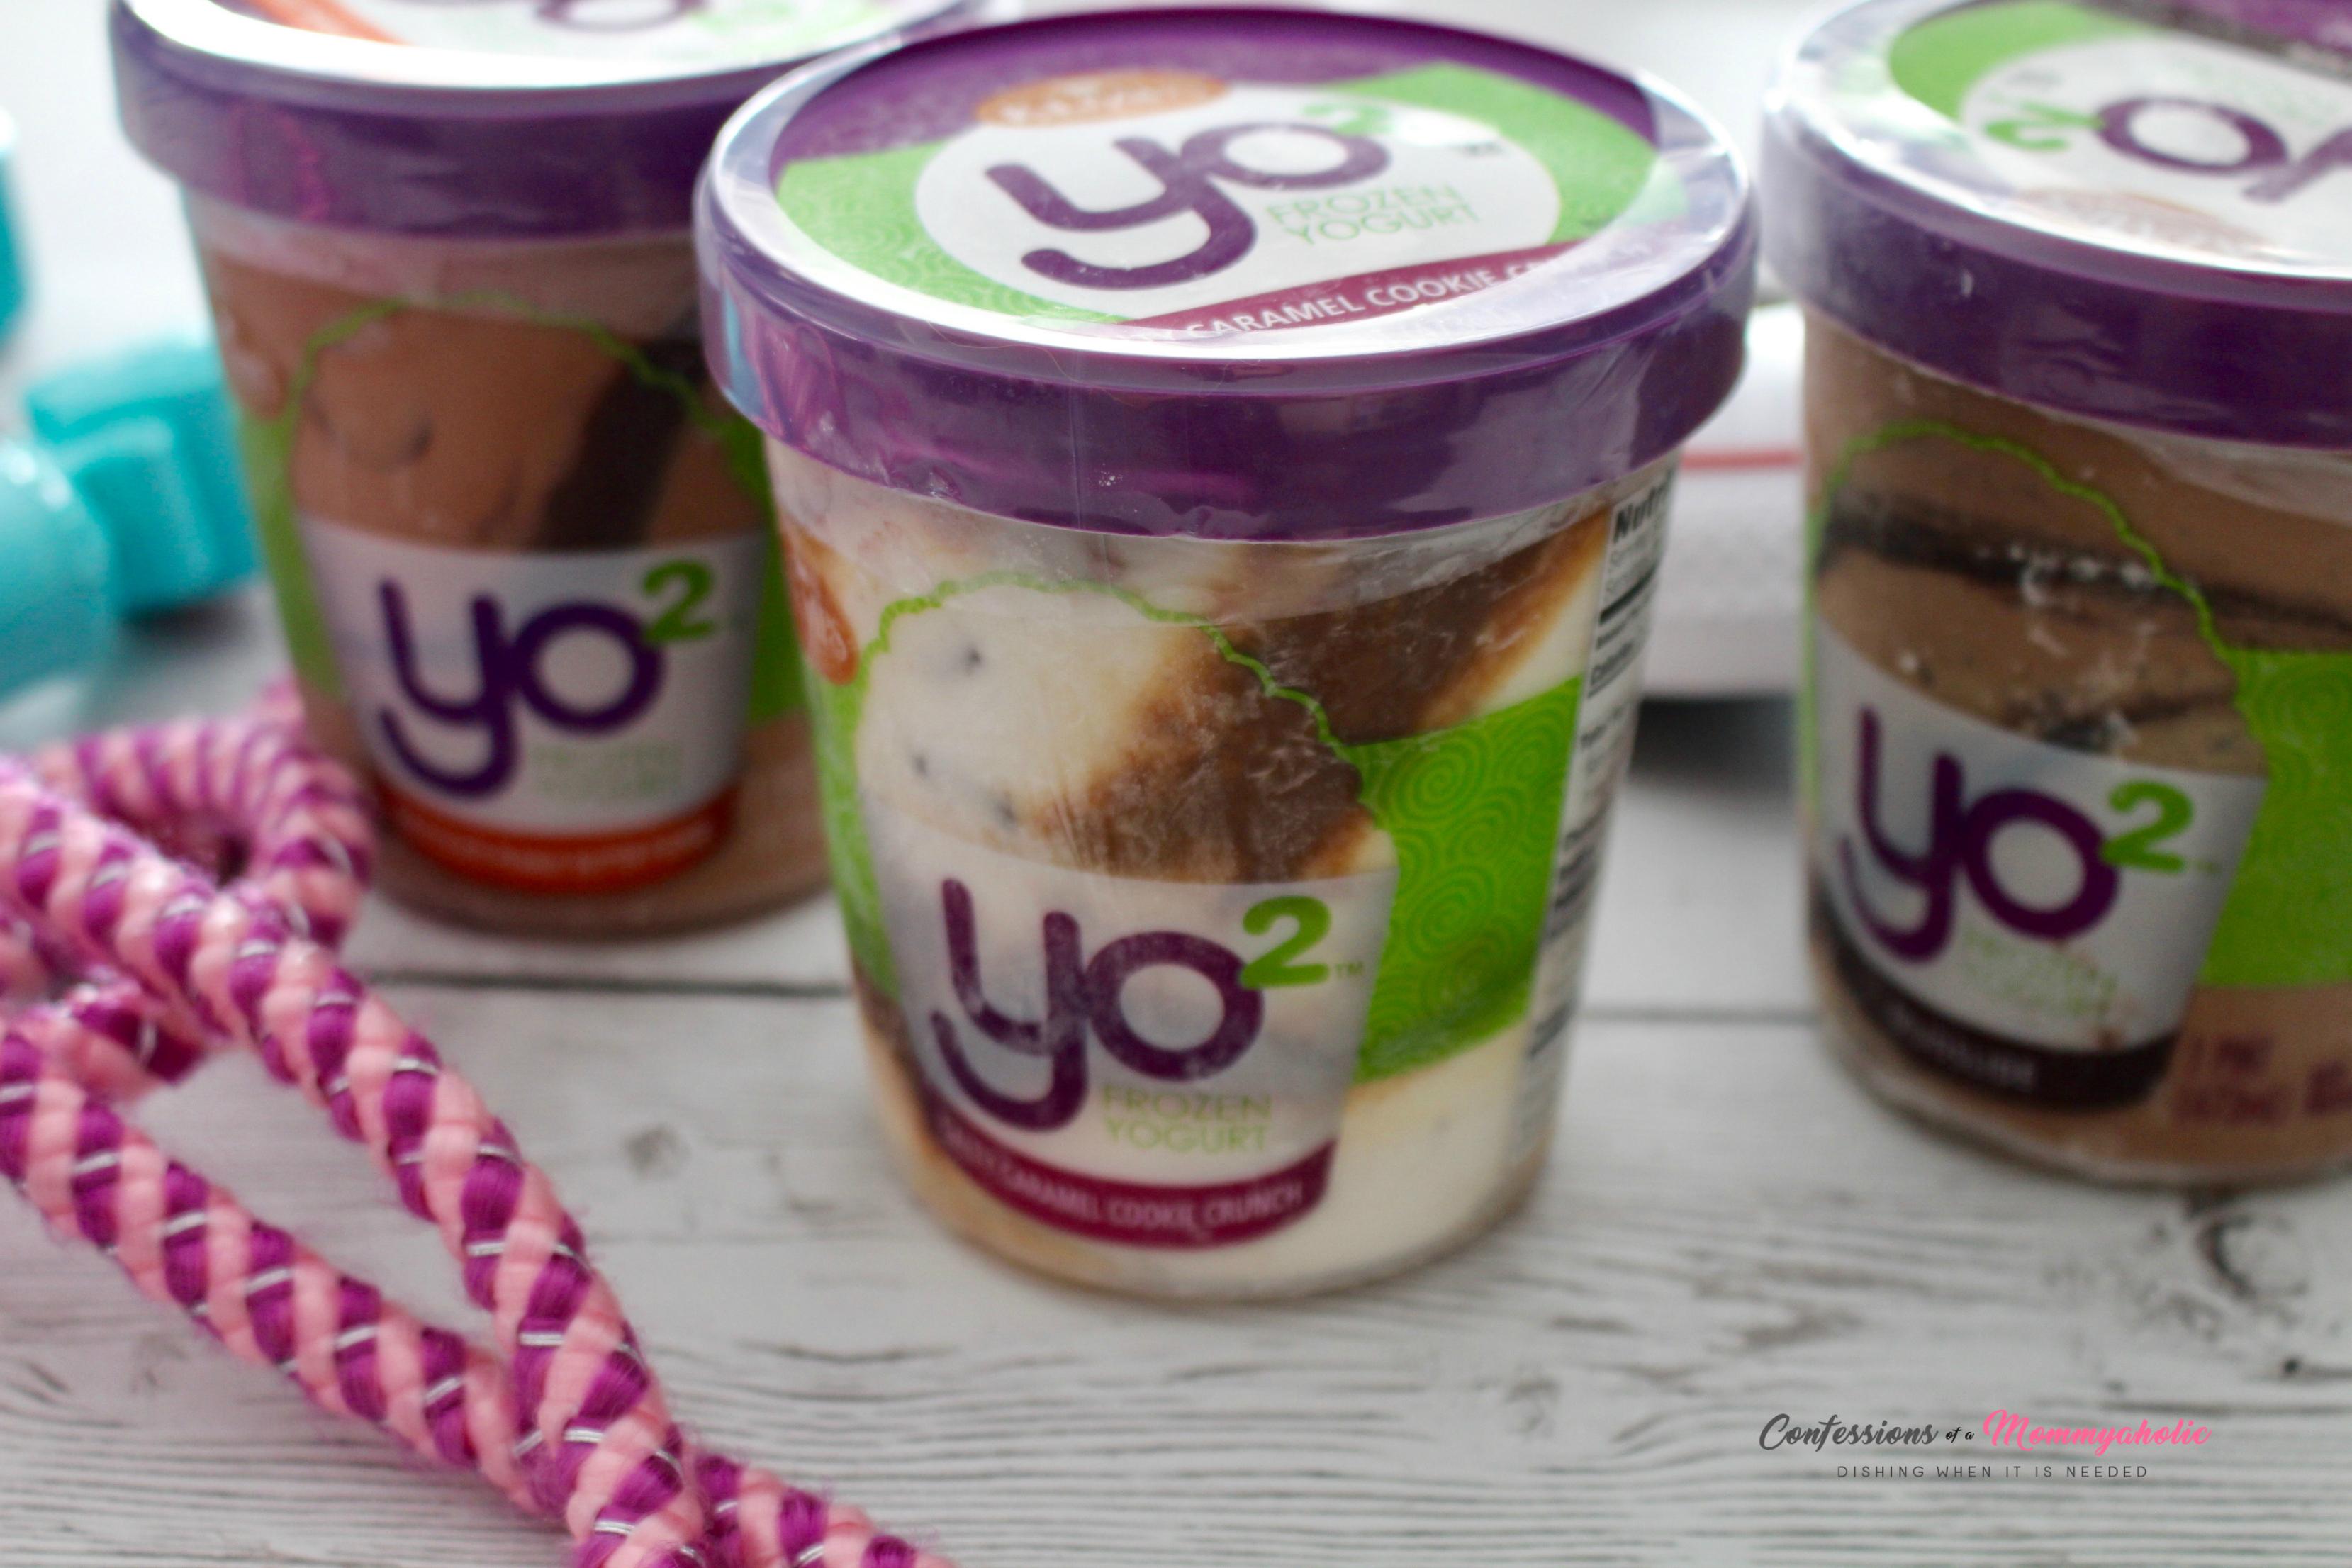 Kemps YO2 Frozen Yogurts